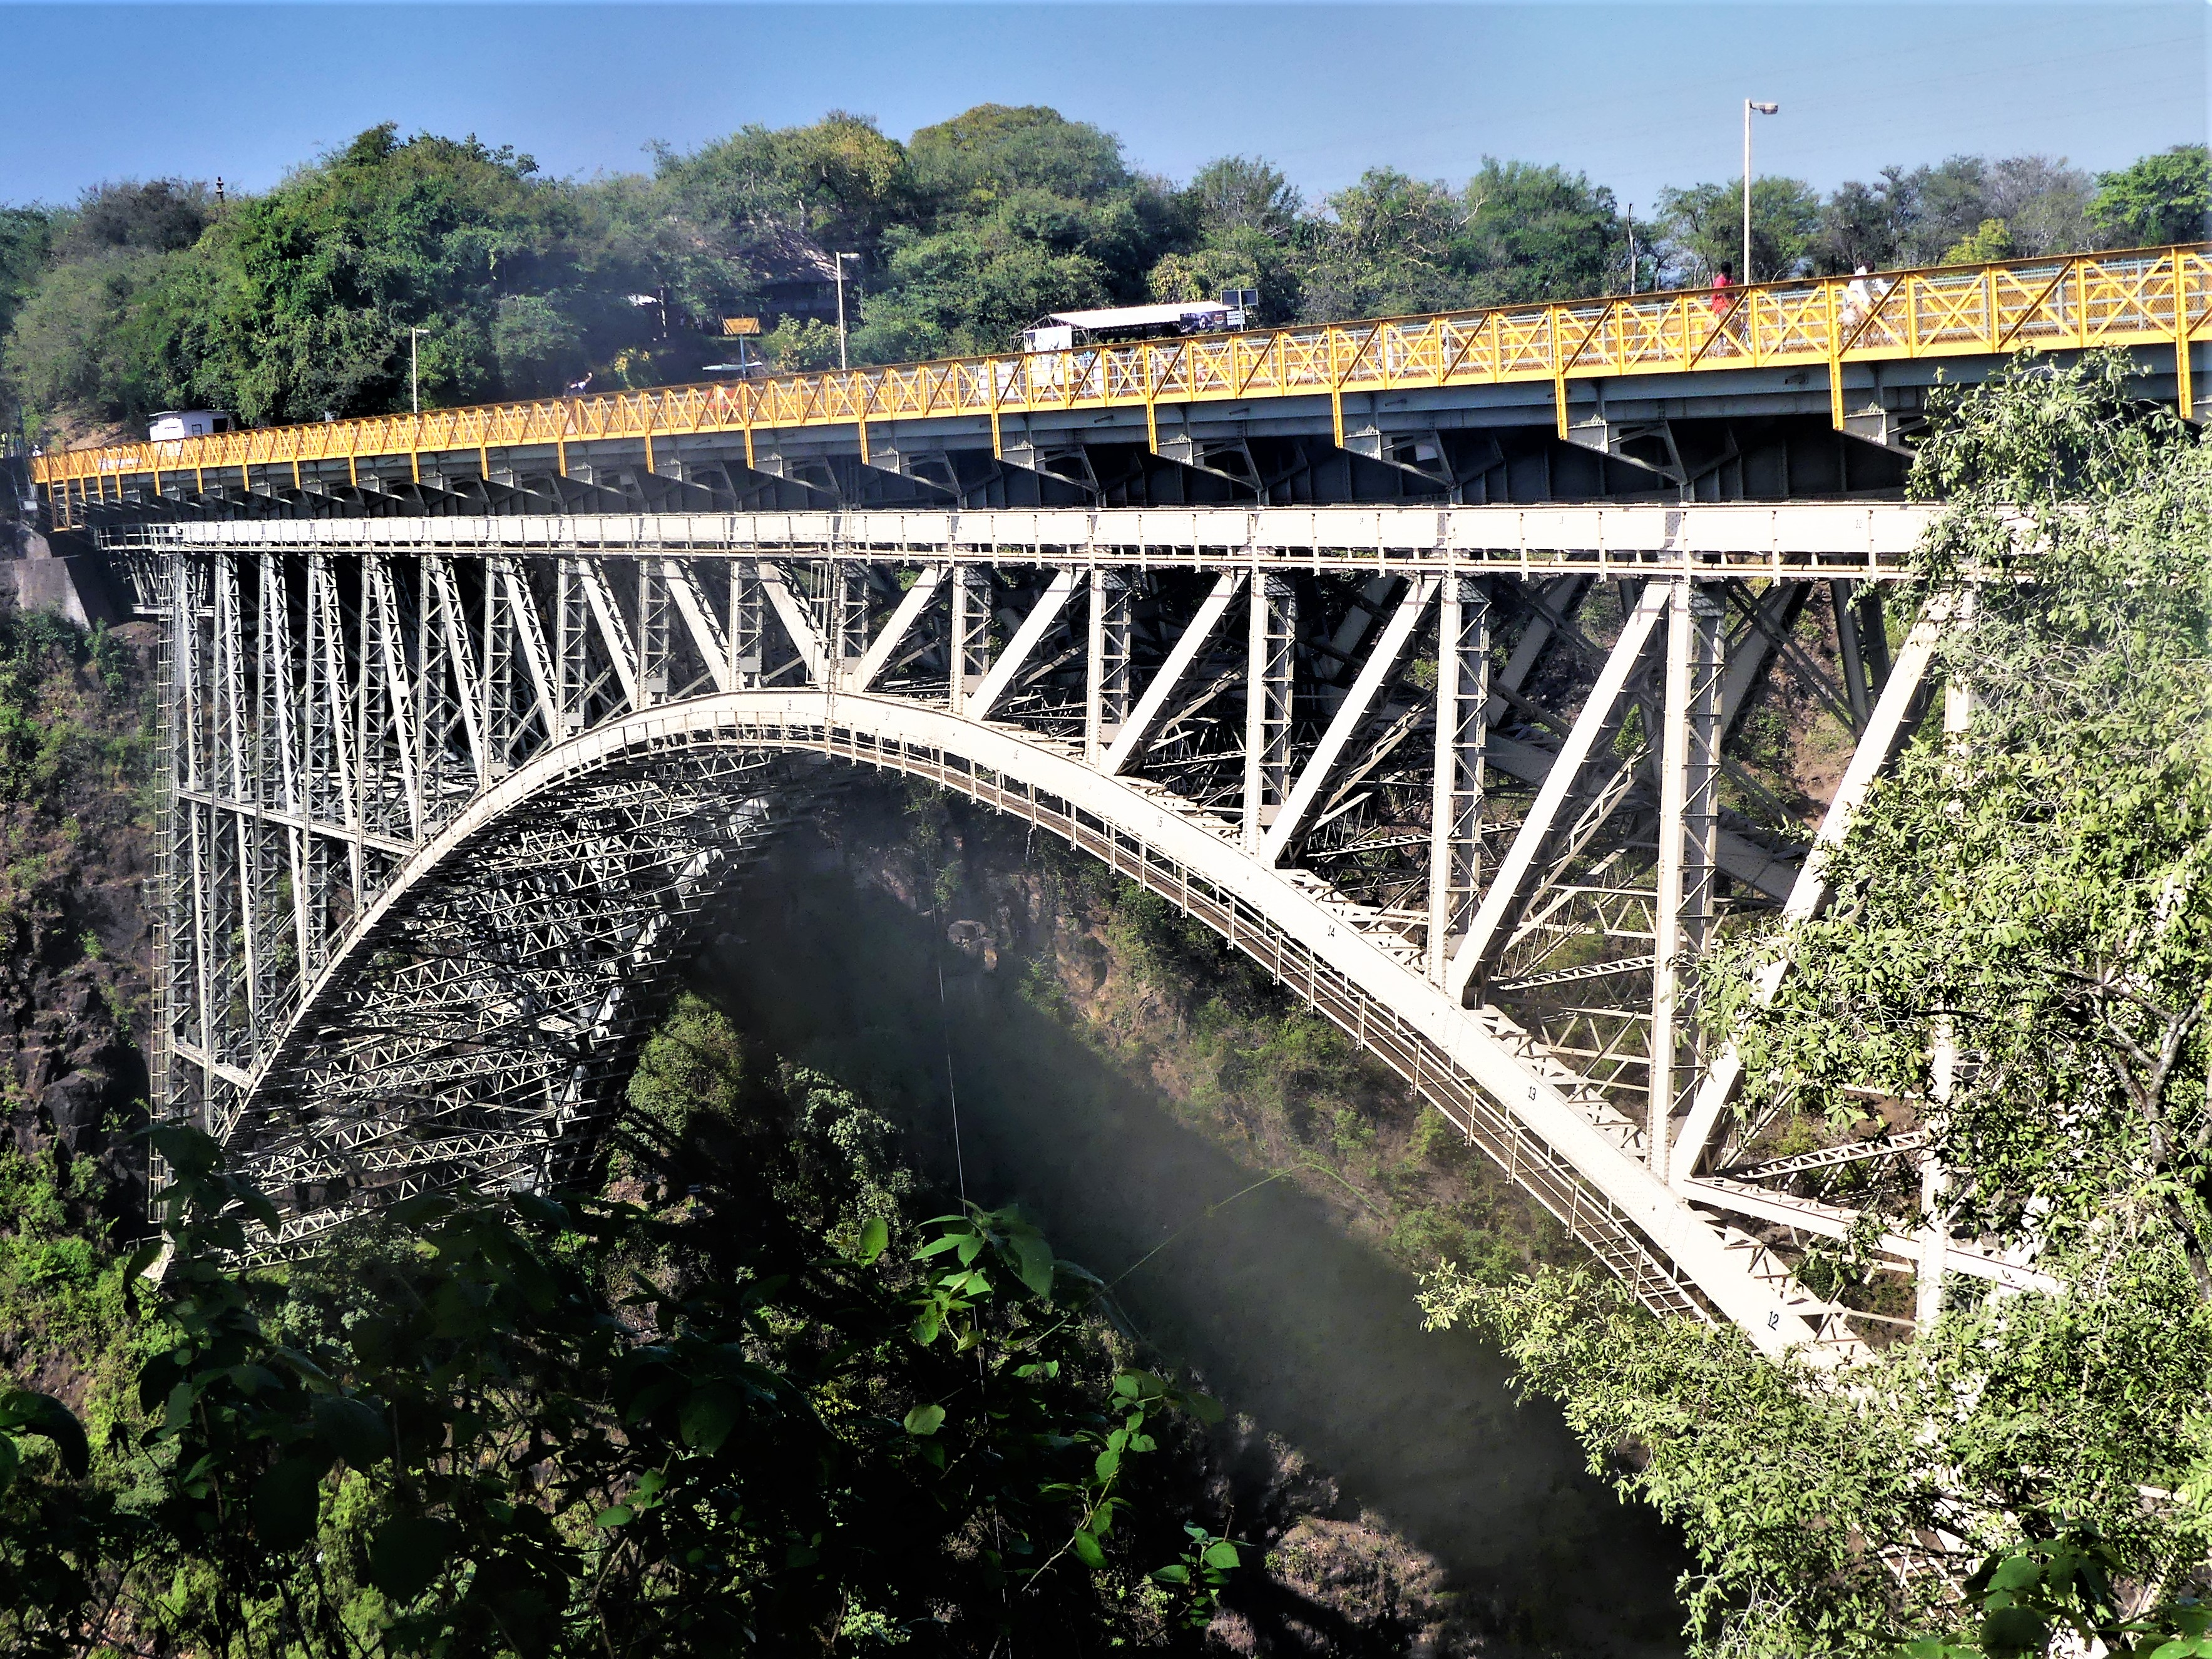 Rhodes 1903 bridge